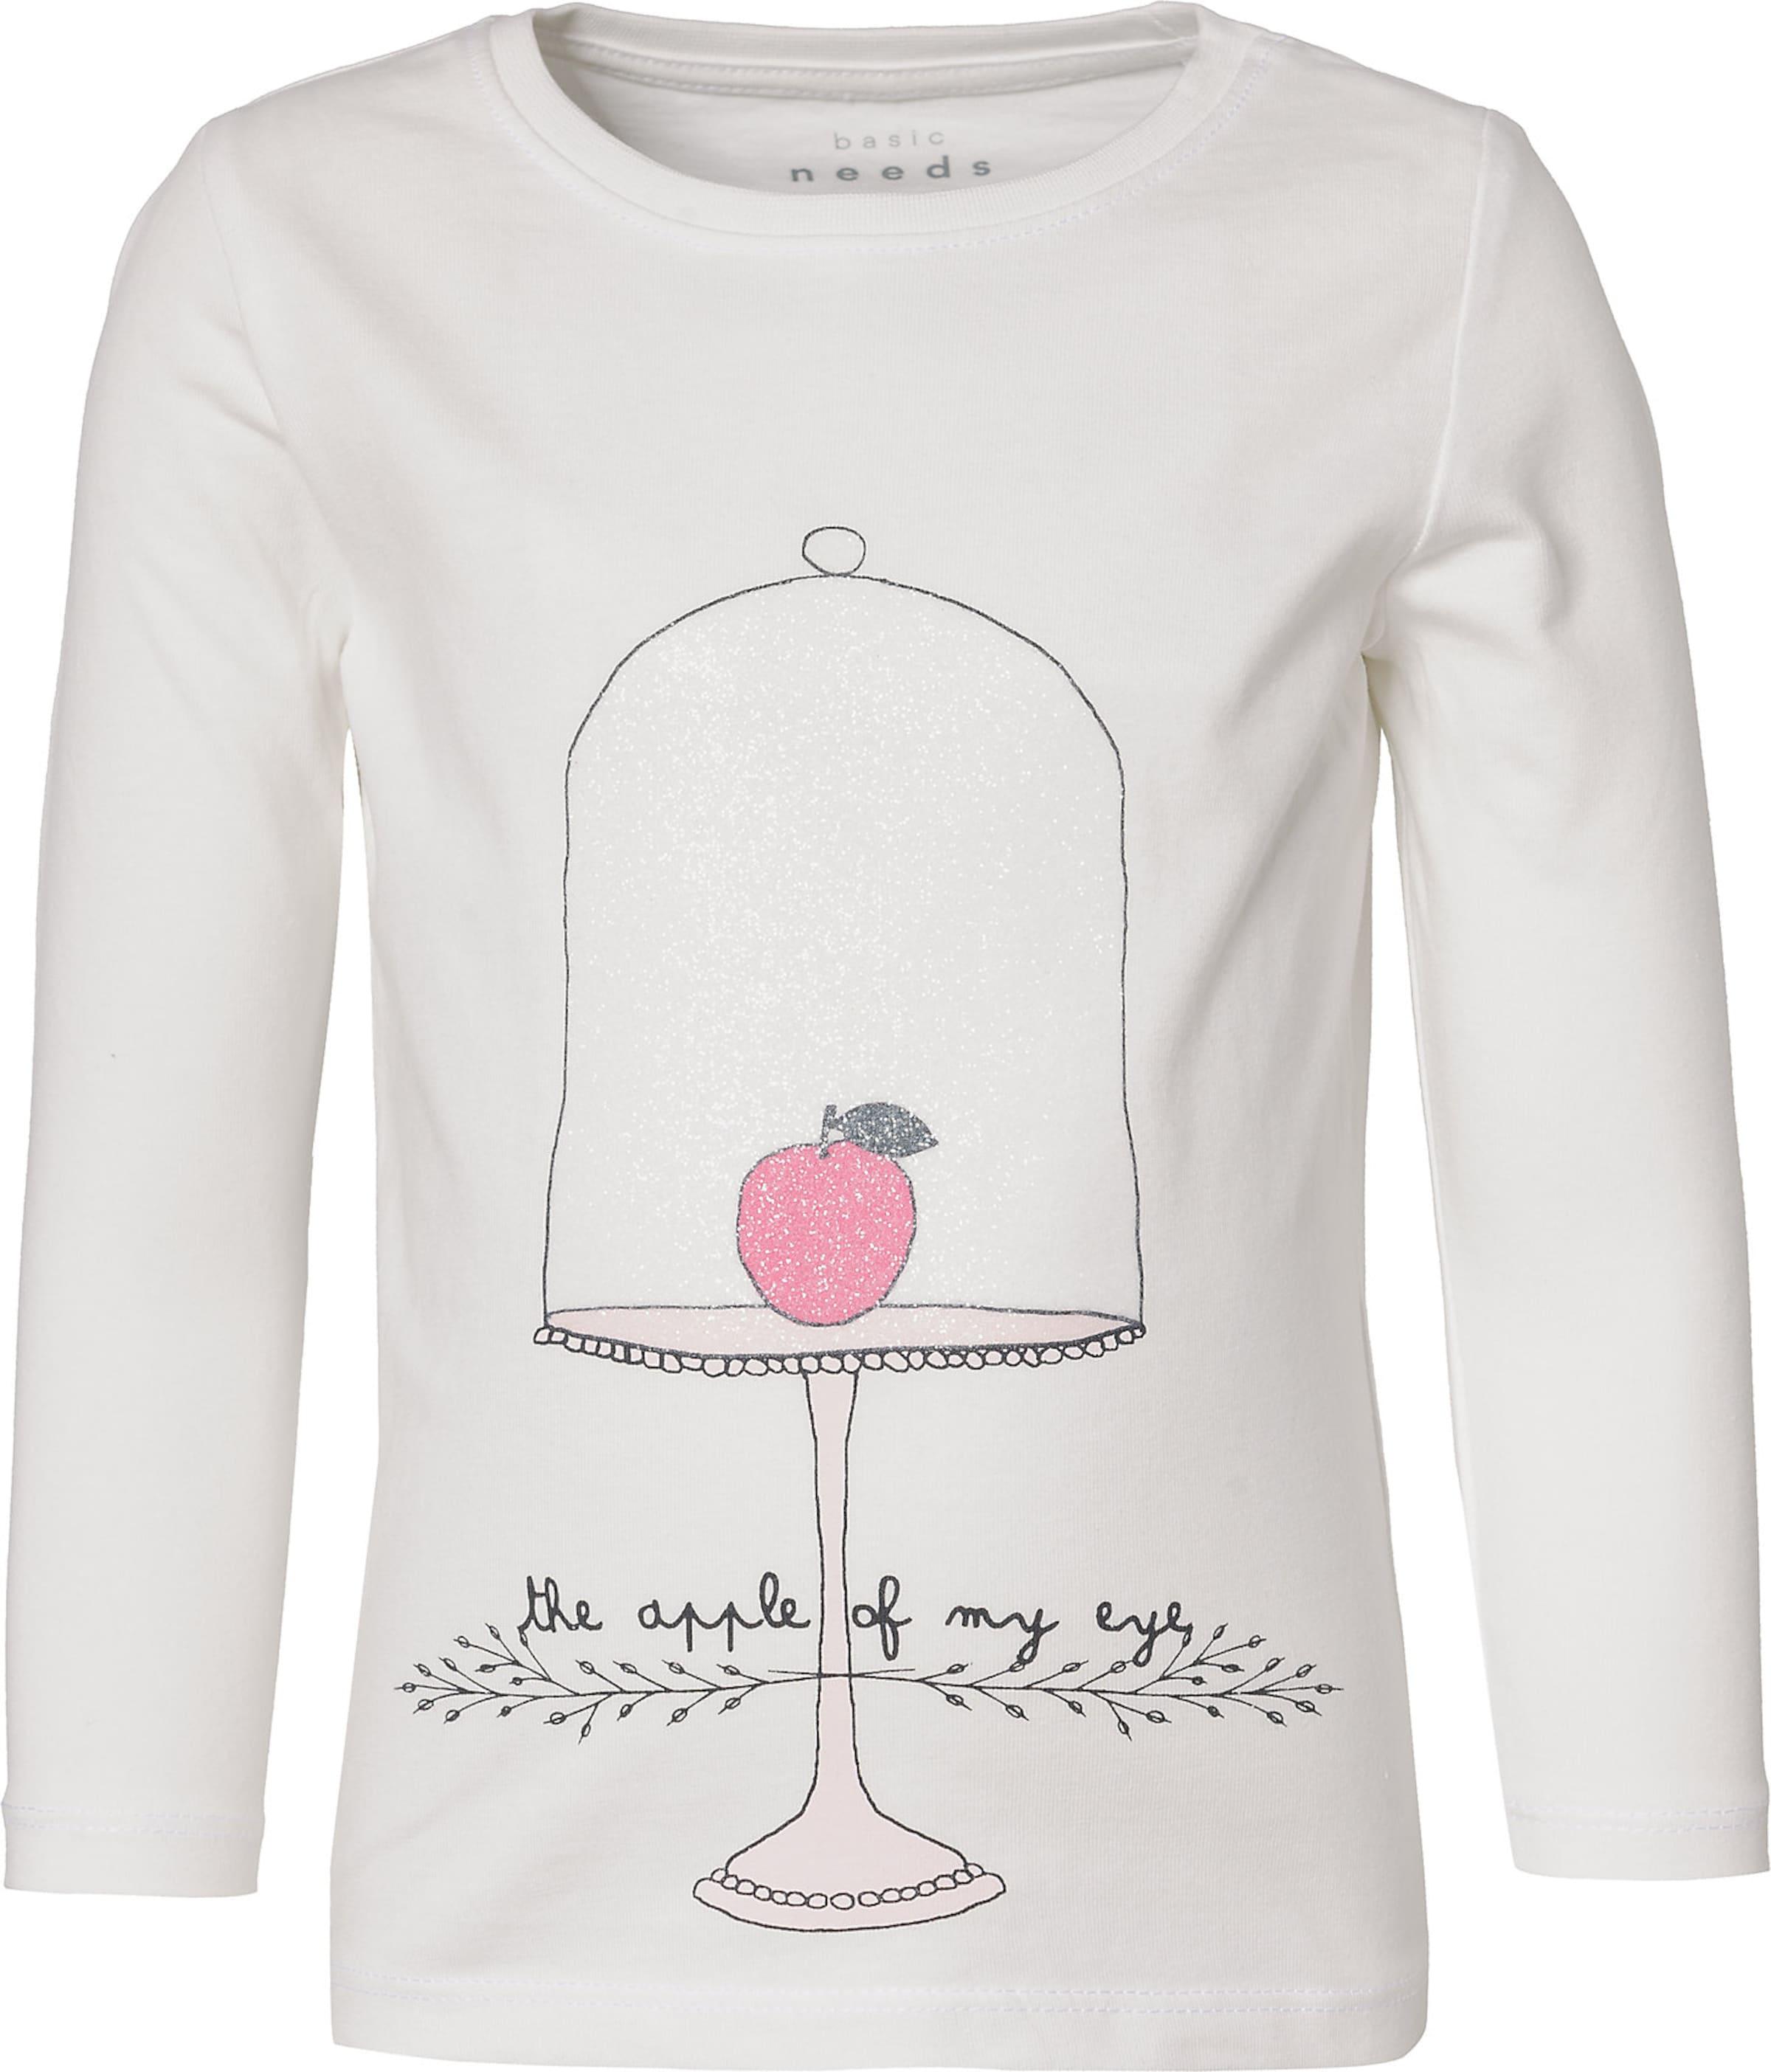 Kinder,  Mädchen,  Kinder NAME IT Shirt 'Nmfveen' pink,  schwarz,  weiß | 05714490699273